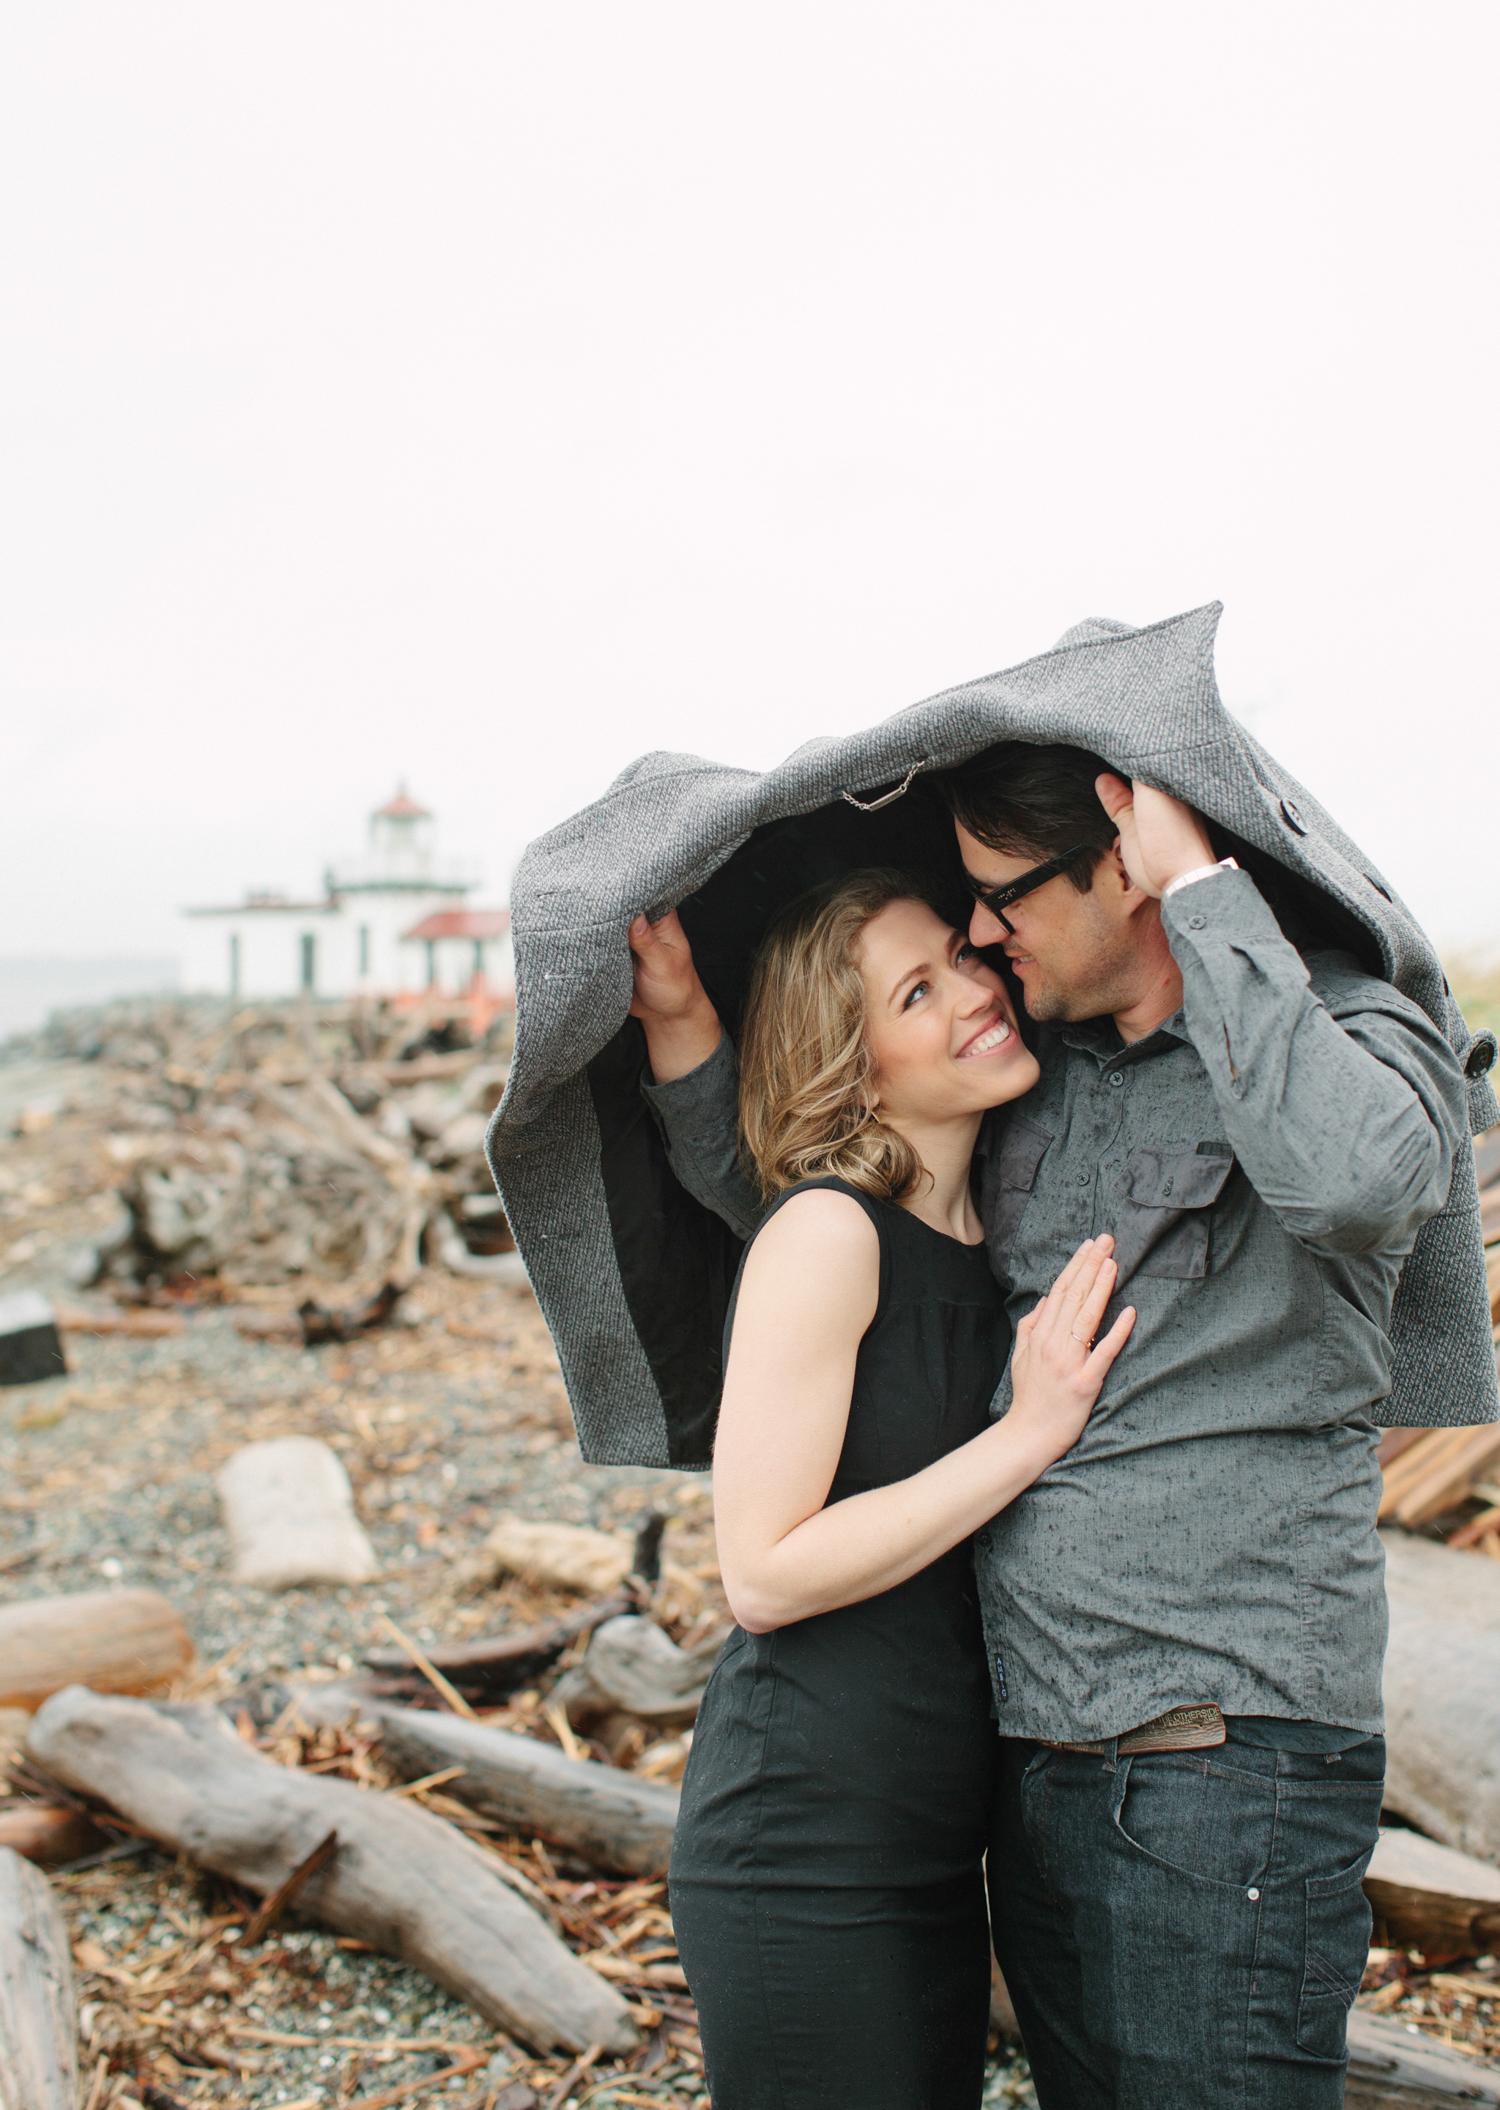 Rainy Seattle Engagement Photos-4a.jpg